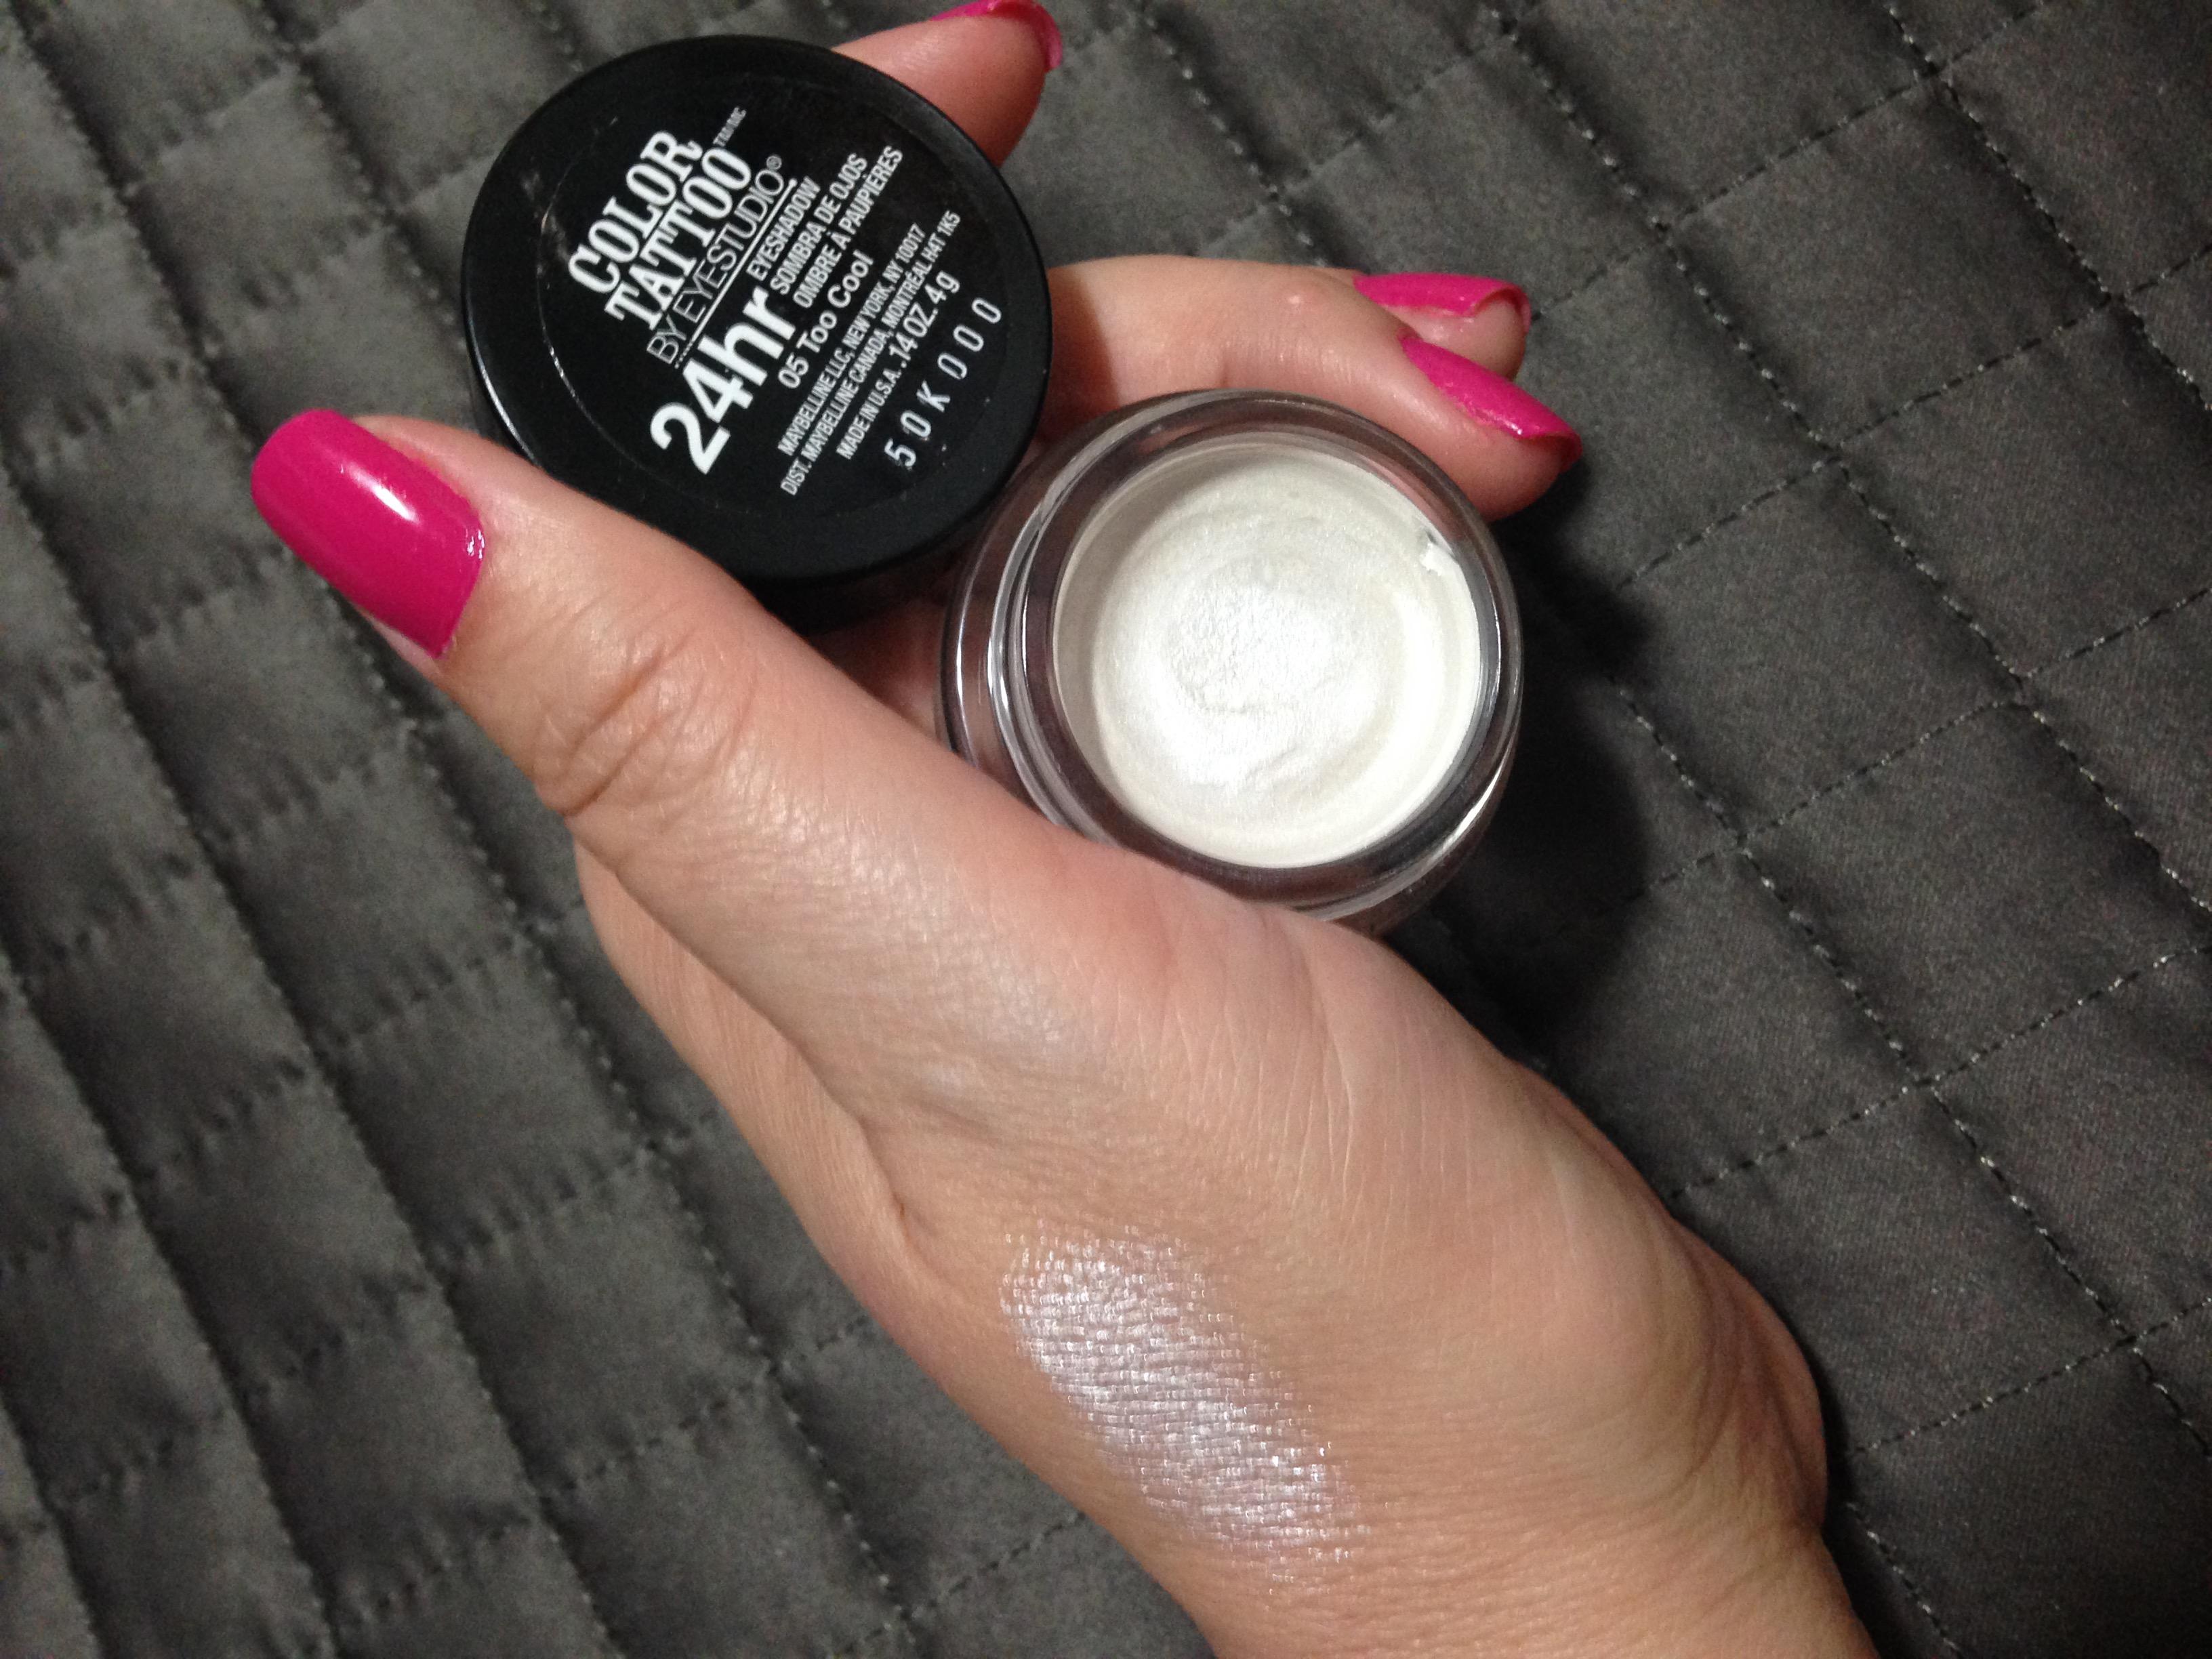 maquiagem-ideal-para-mulheres-depois-dos-40-anos